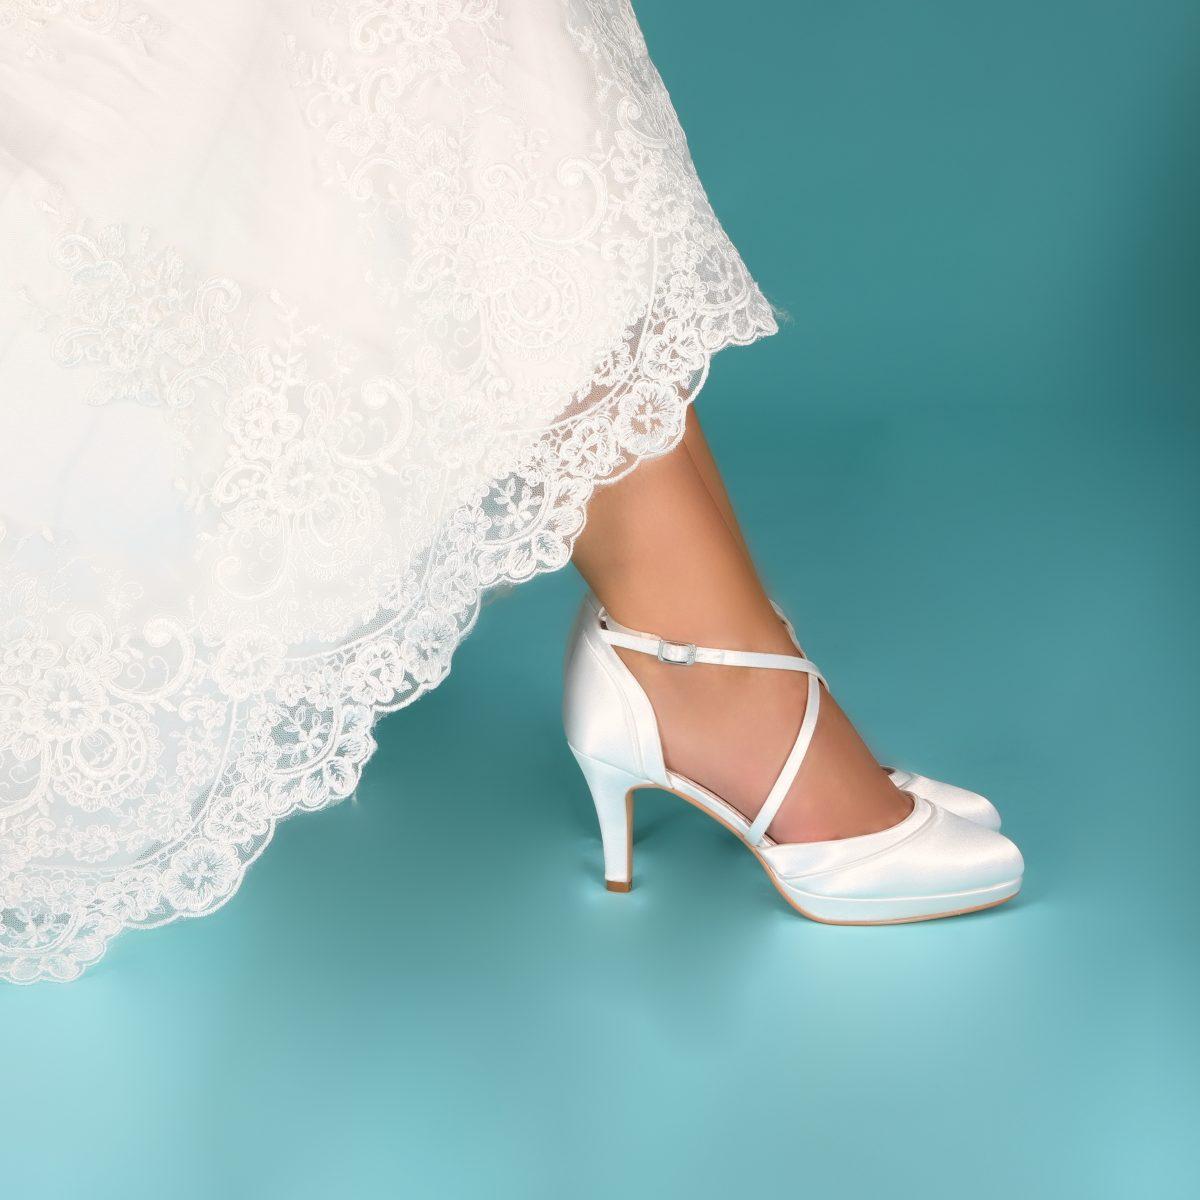 Perfect Bridal Isobel Shoes - Ivory Satin 2